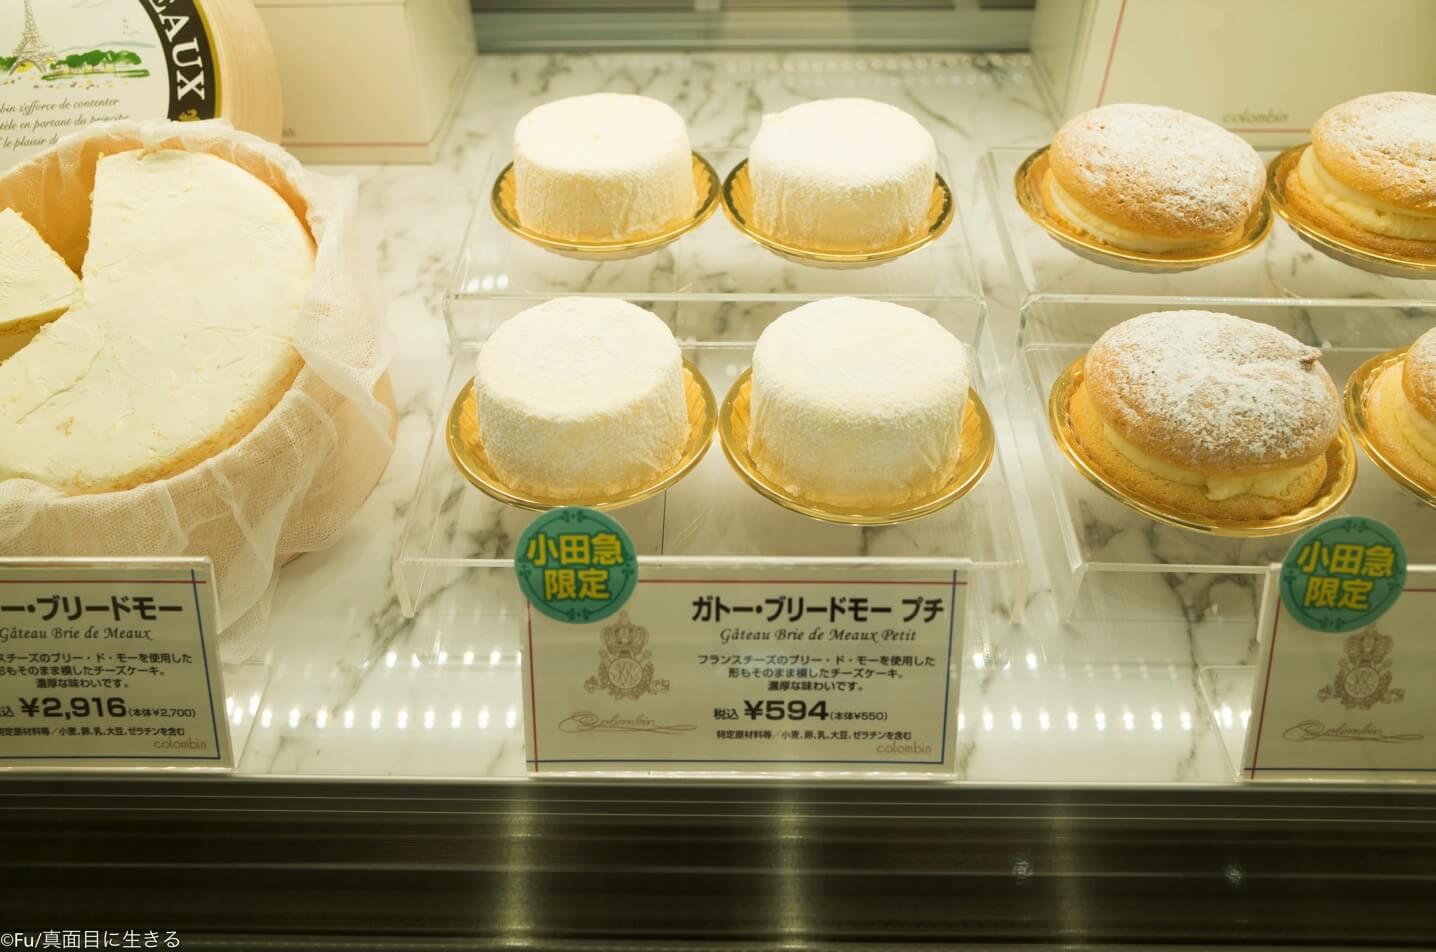 ガトー・ブリードモー プチ(598円)